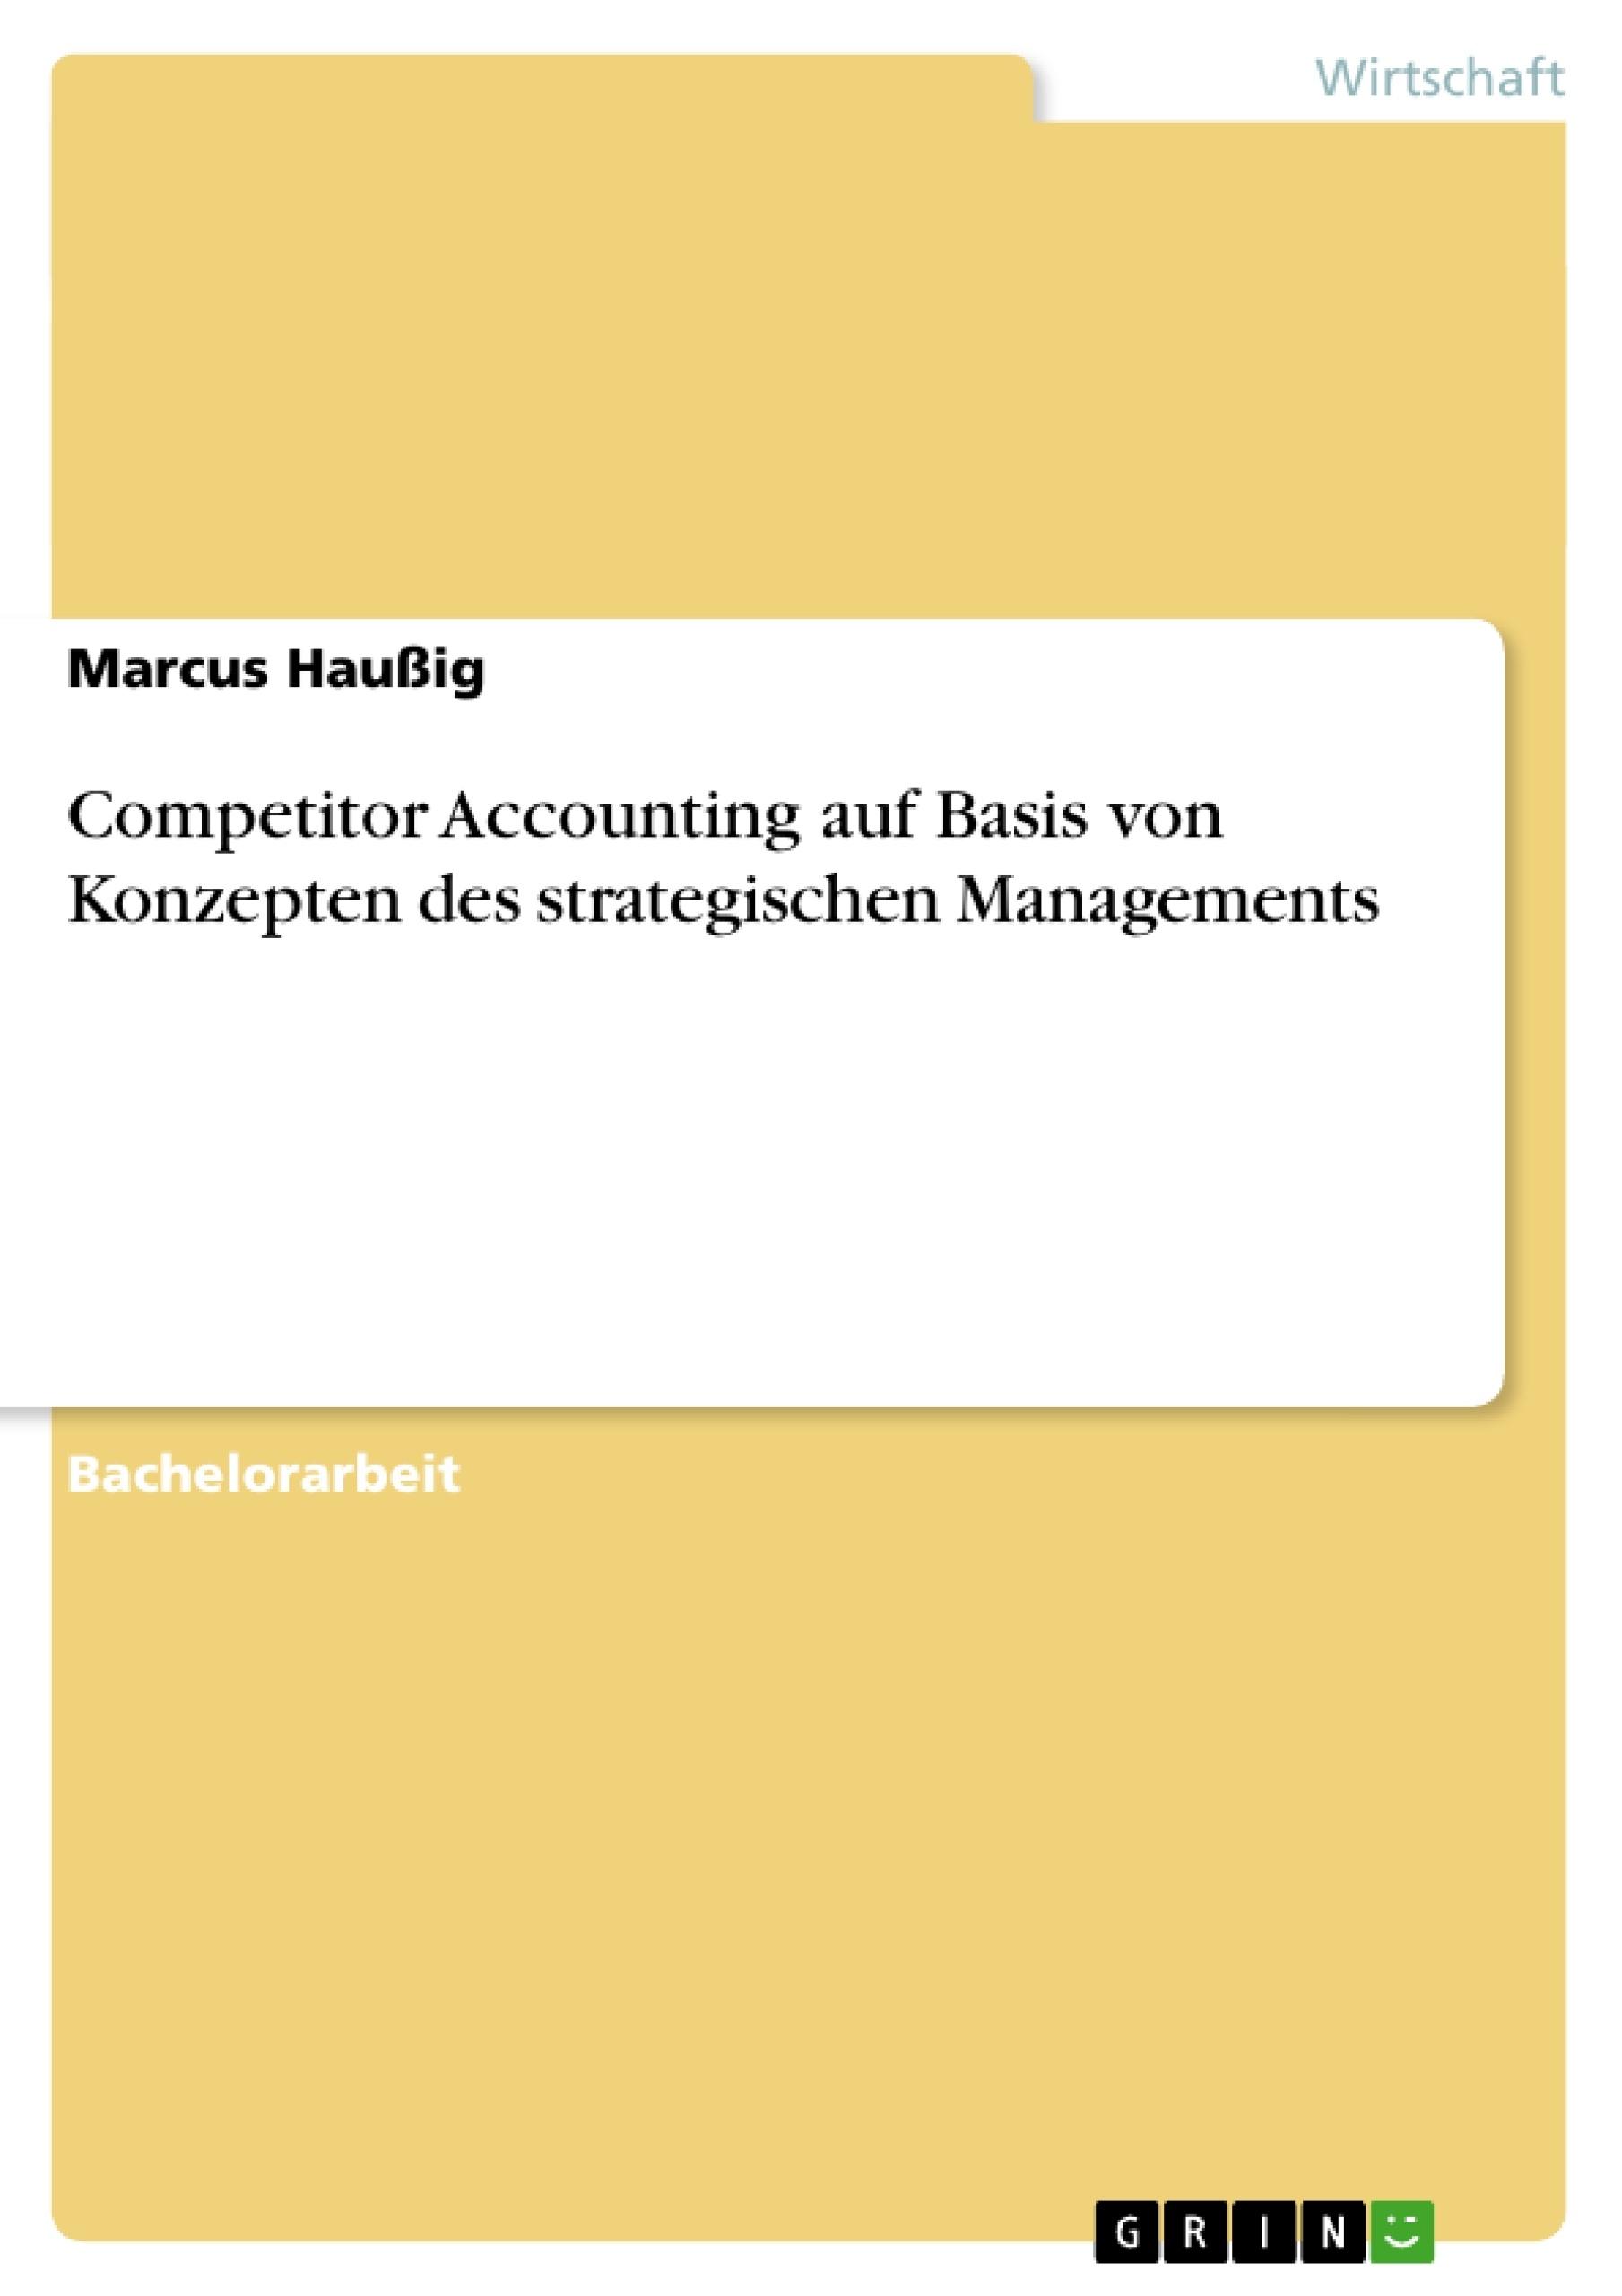 Titel: Competitor Accounting auf Basis von Konzepten des strategischen Managements